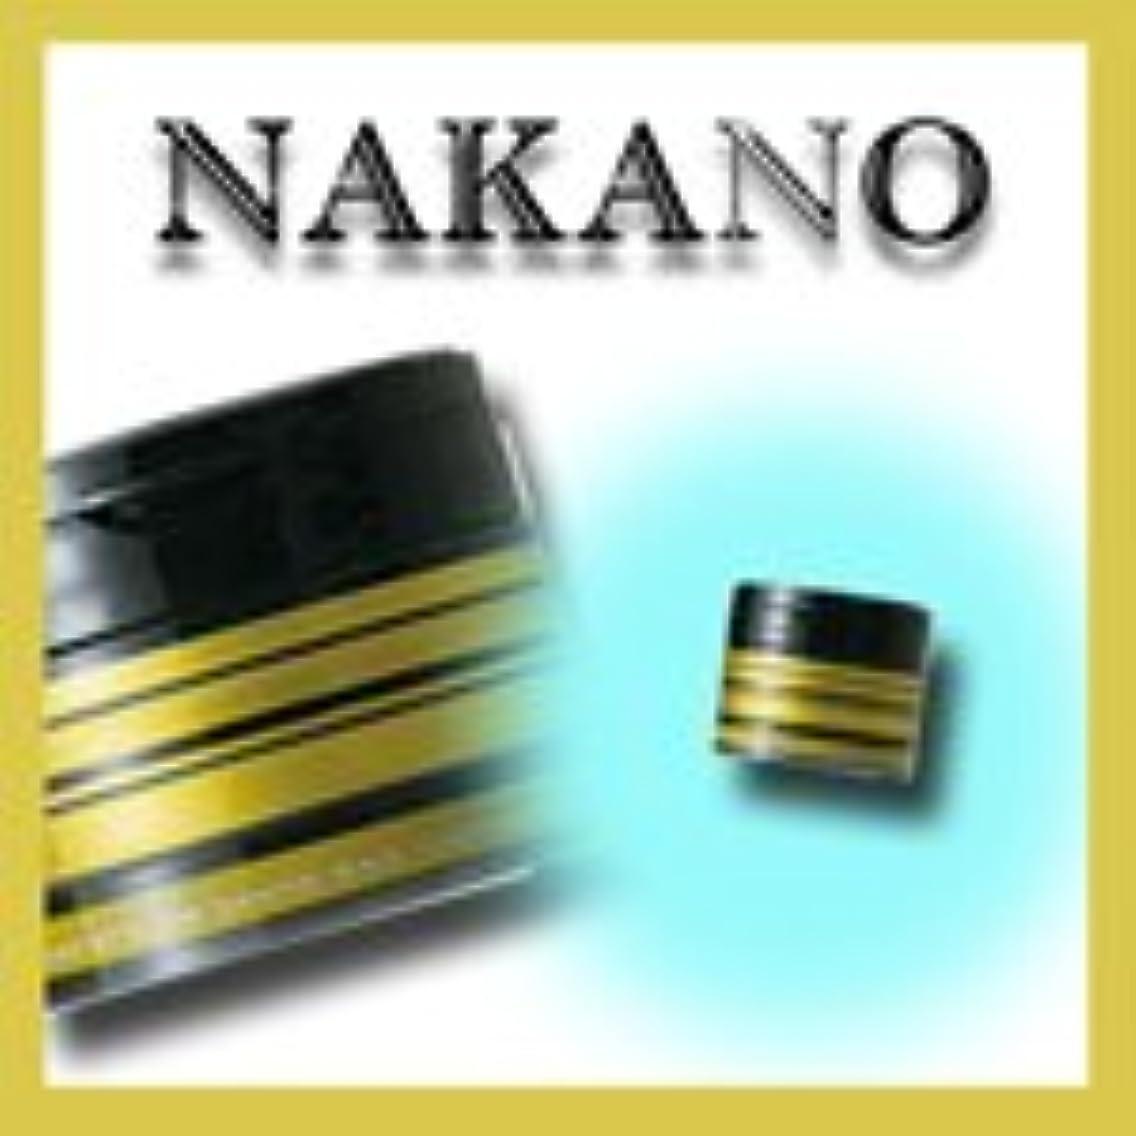 より平らな把握忍耐ナカノ スタイリング タント ワックス 7 ラスティング&シャイニー 90g 中野製薬 NAKANO